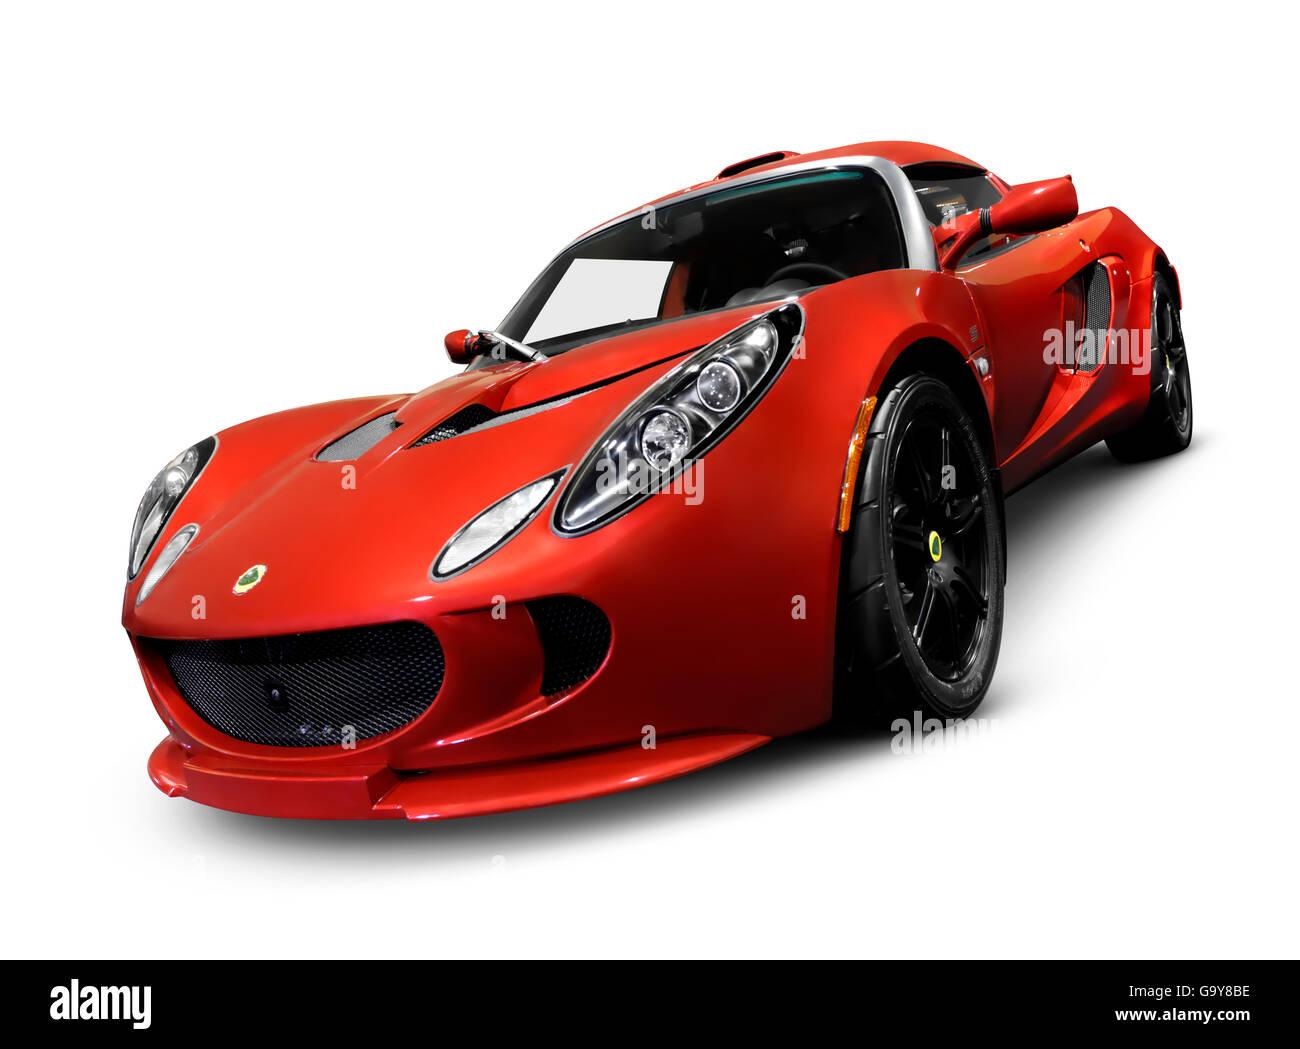 2008 red Lotus Elise sports car - Stock Image